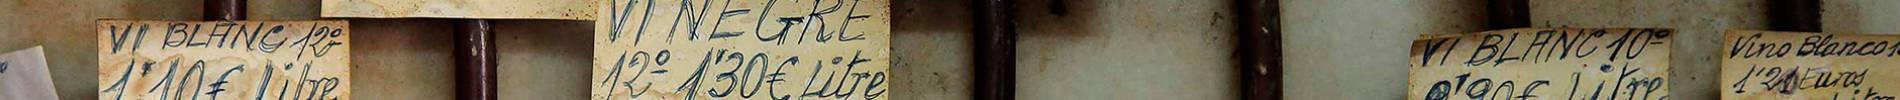 Bodegues on fer el vermut